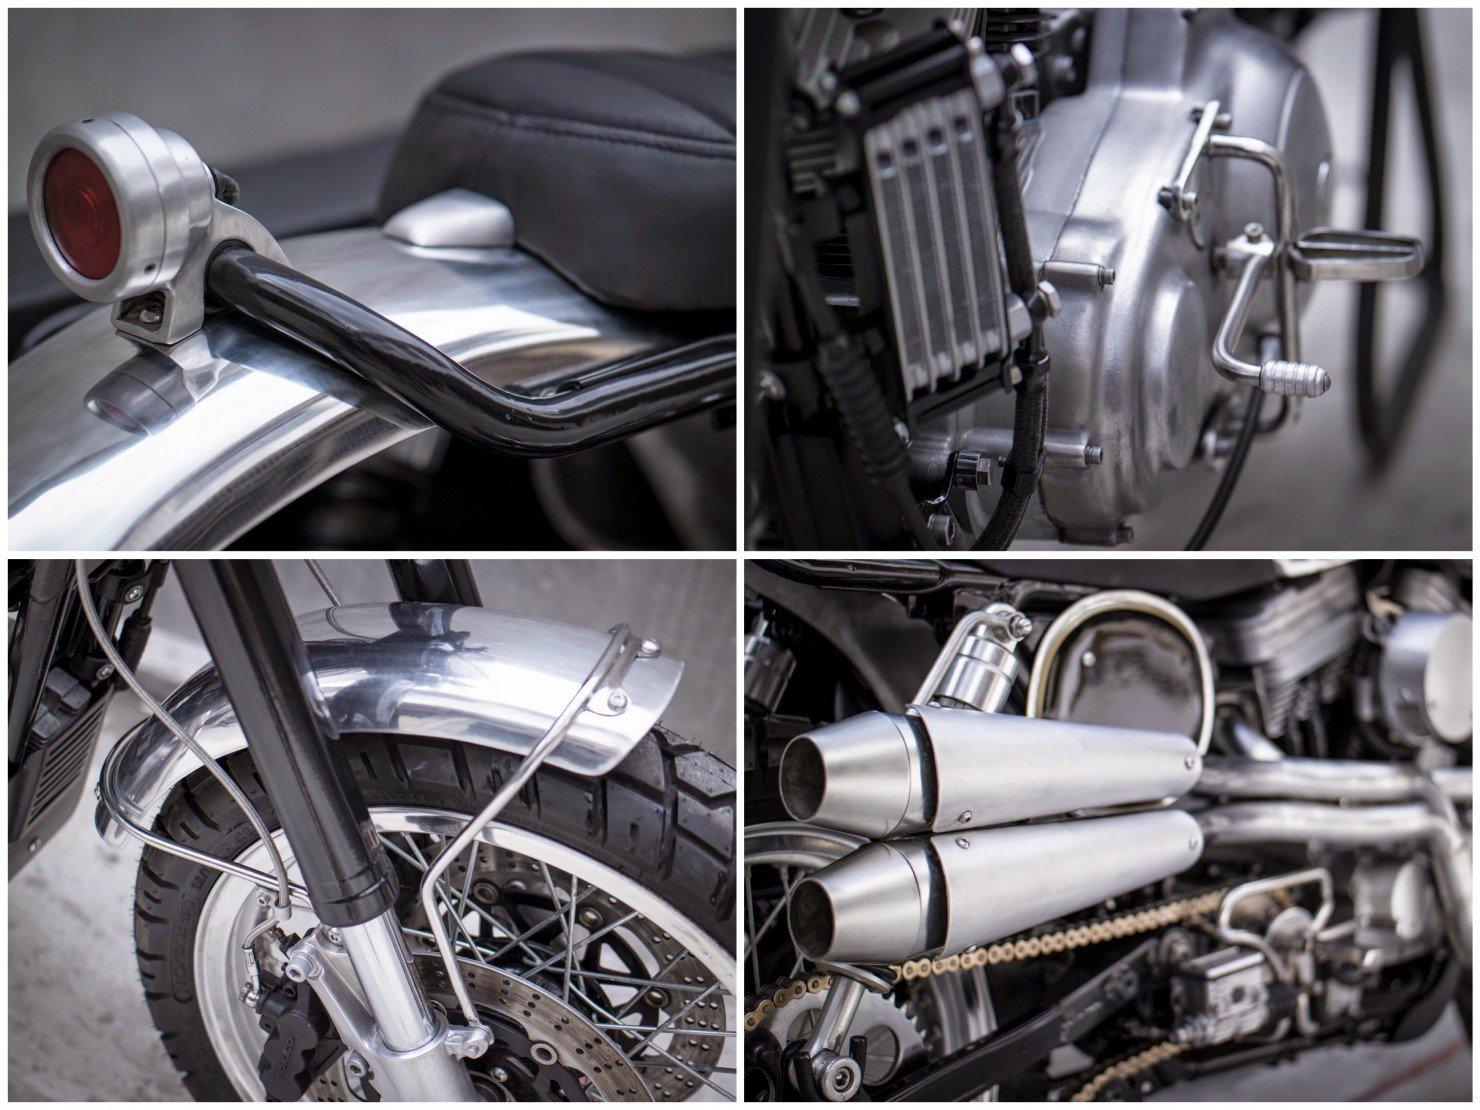 Harley-Davidson-Scrambler-Motorcycle